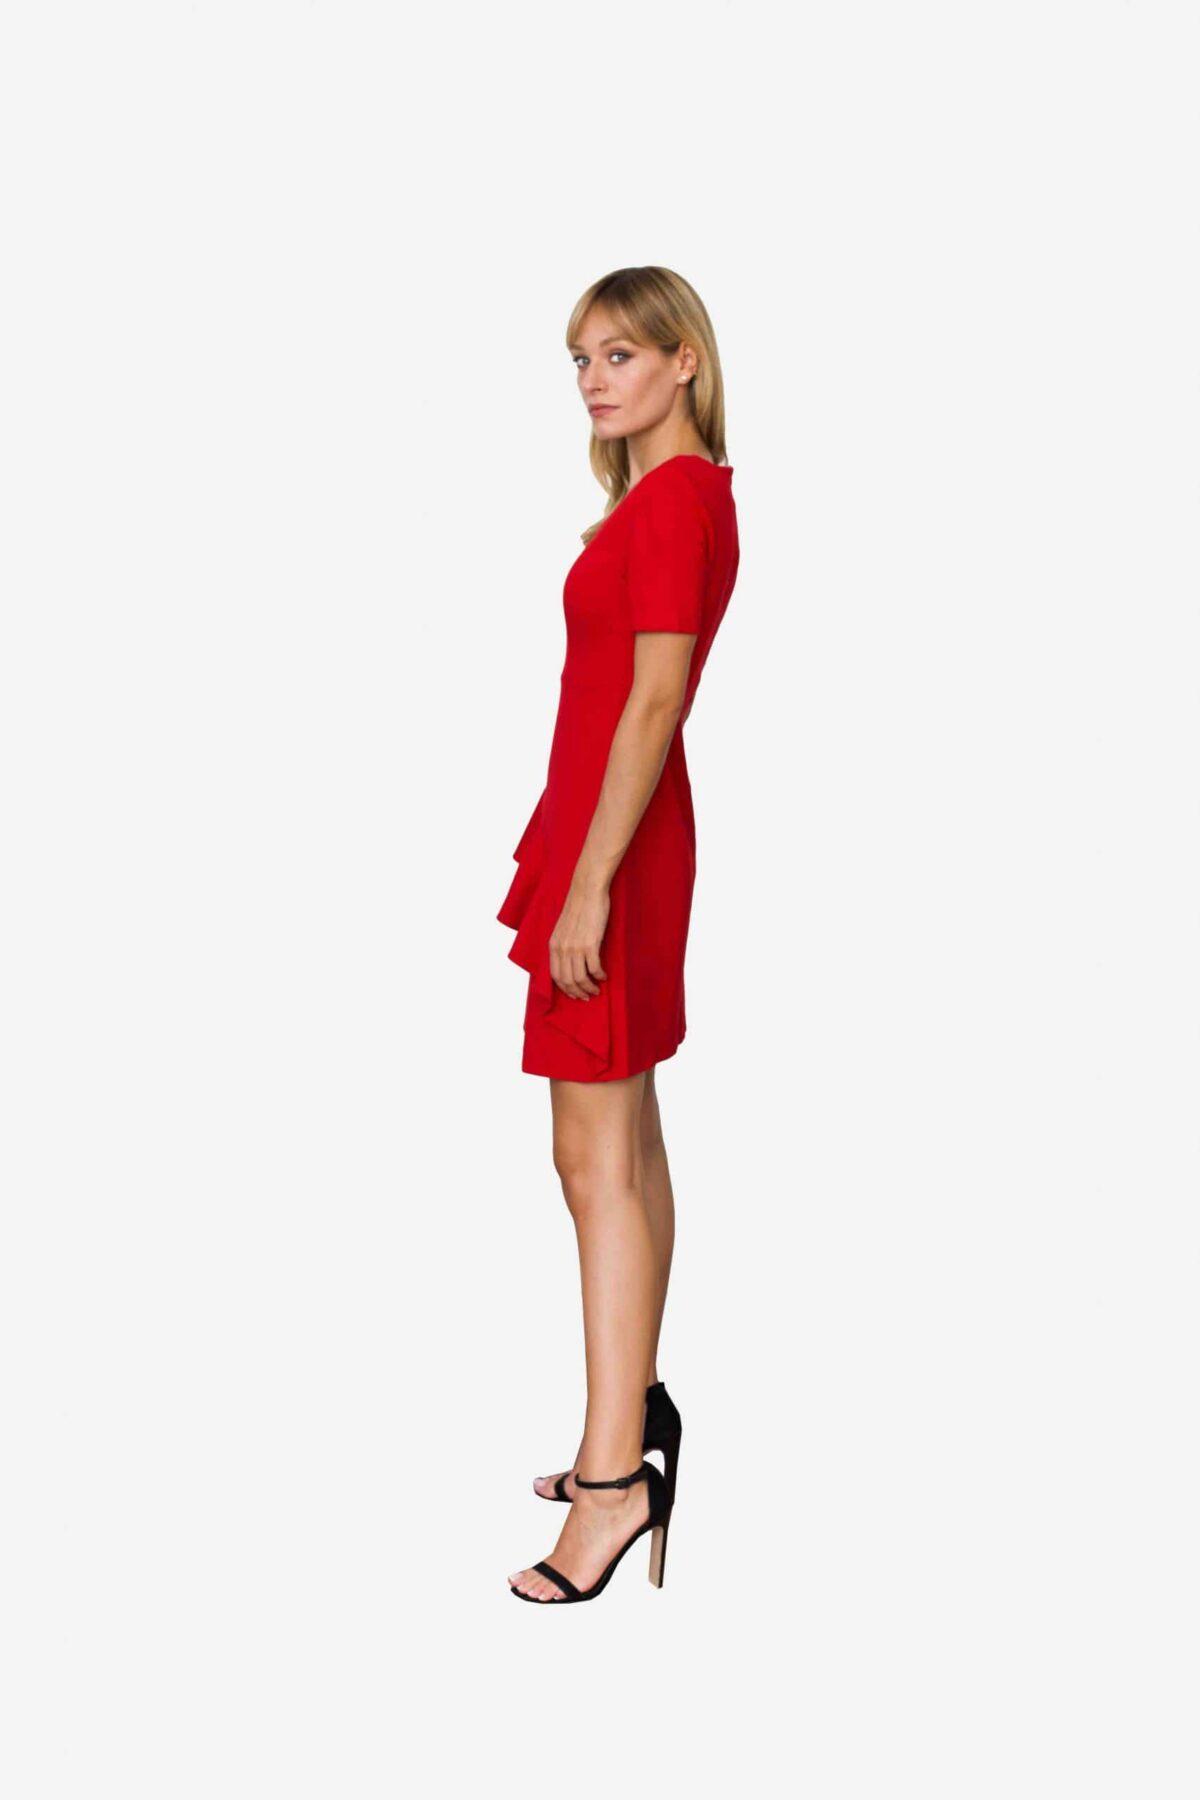 Kleid Loretta von SANOGE. Feminines Etuikleid in rot mit Volant und kurzem Arm. Knielang. Aus rotem Premium Jersey. Deutsche Designer Mode.